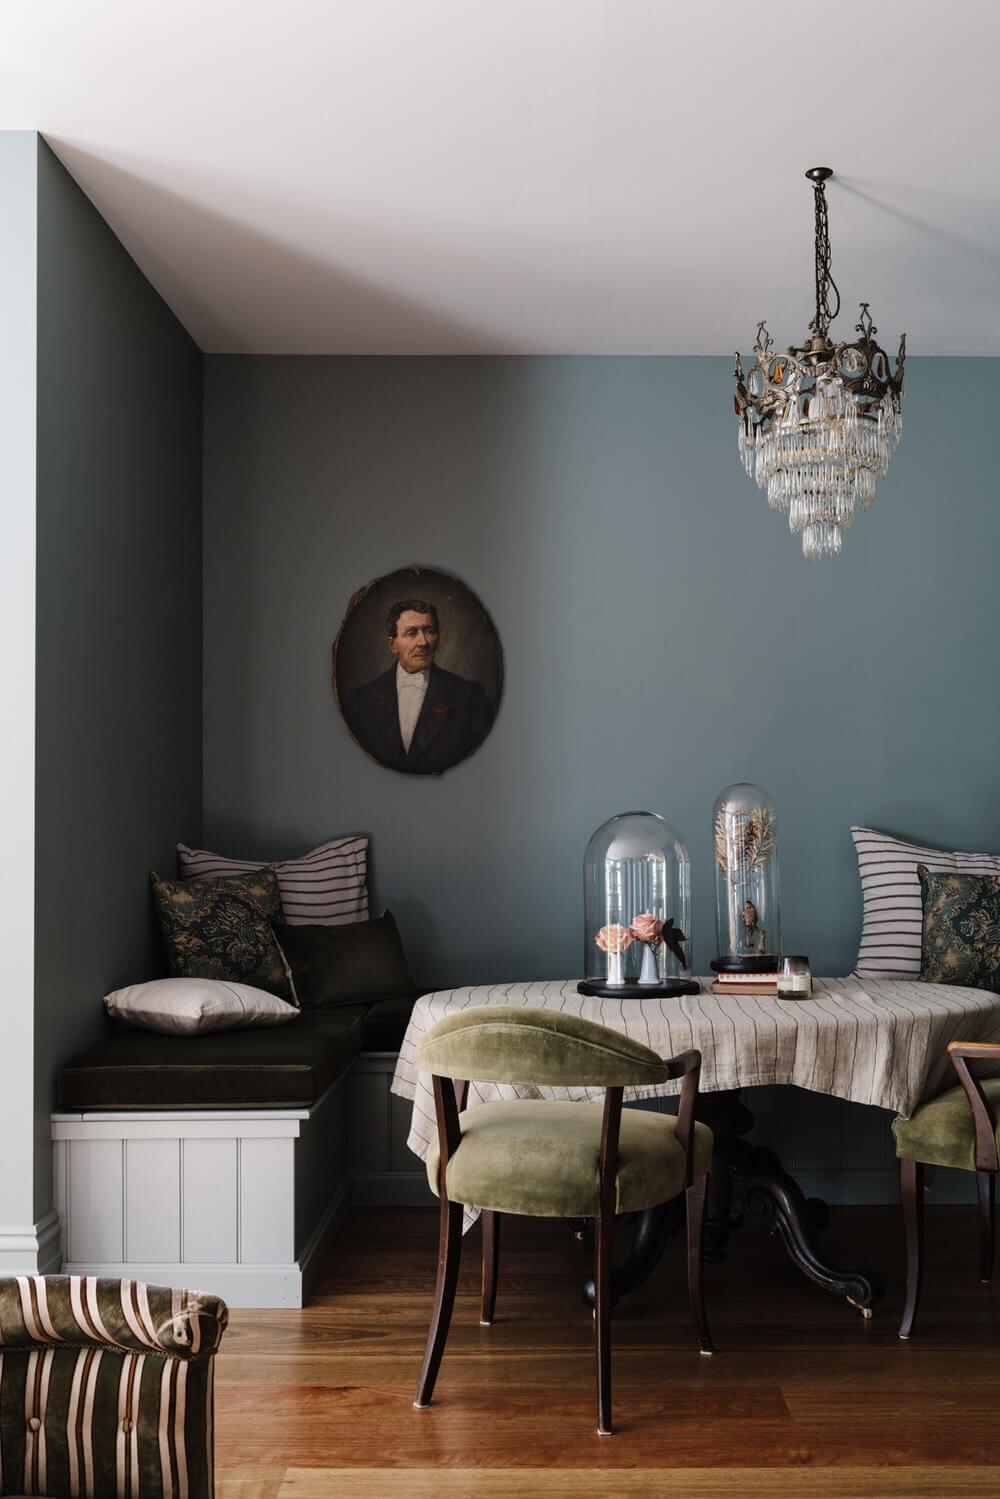 Lumière Lodge | A Creative Vintage Cottage in Australia